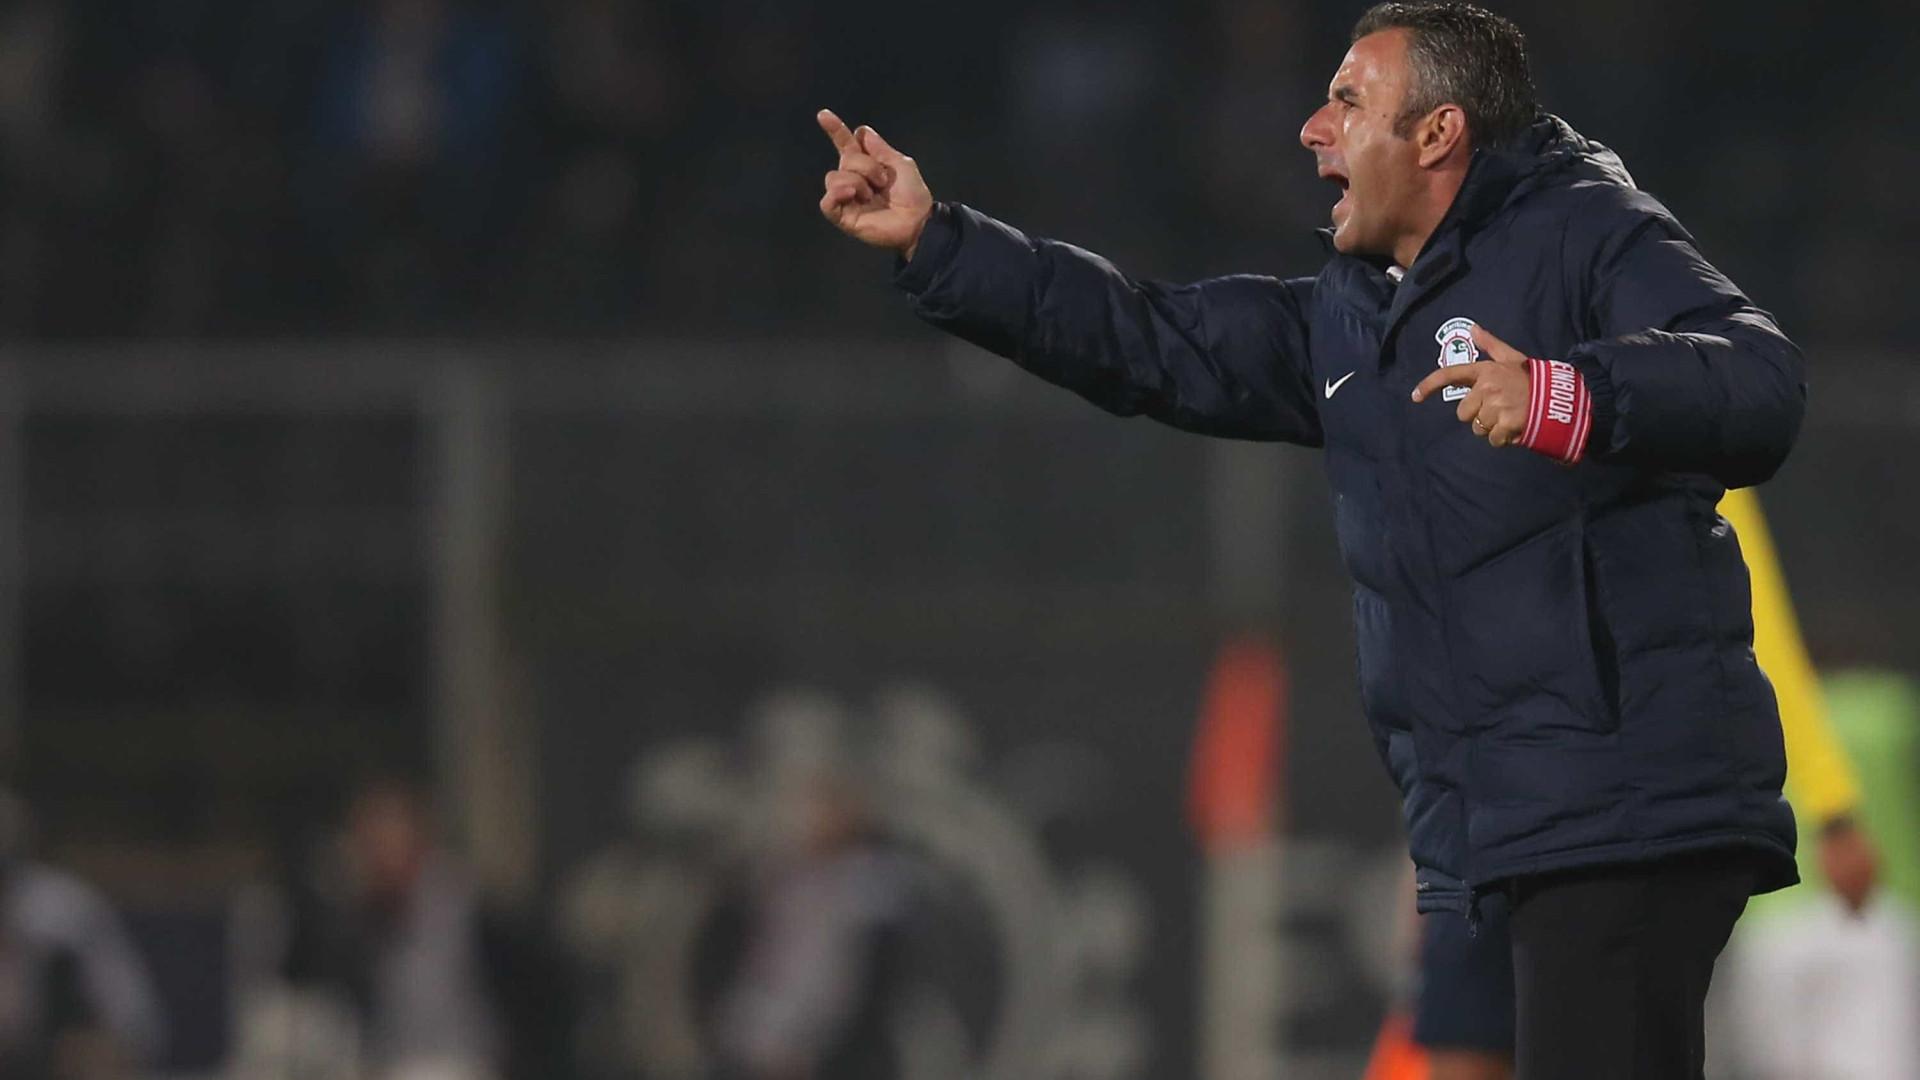 Oficial: Ivo Vieira deixa Coimbra rumo ao Estoril